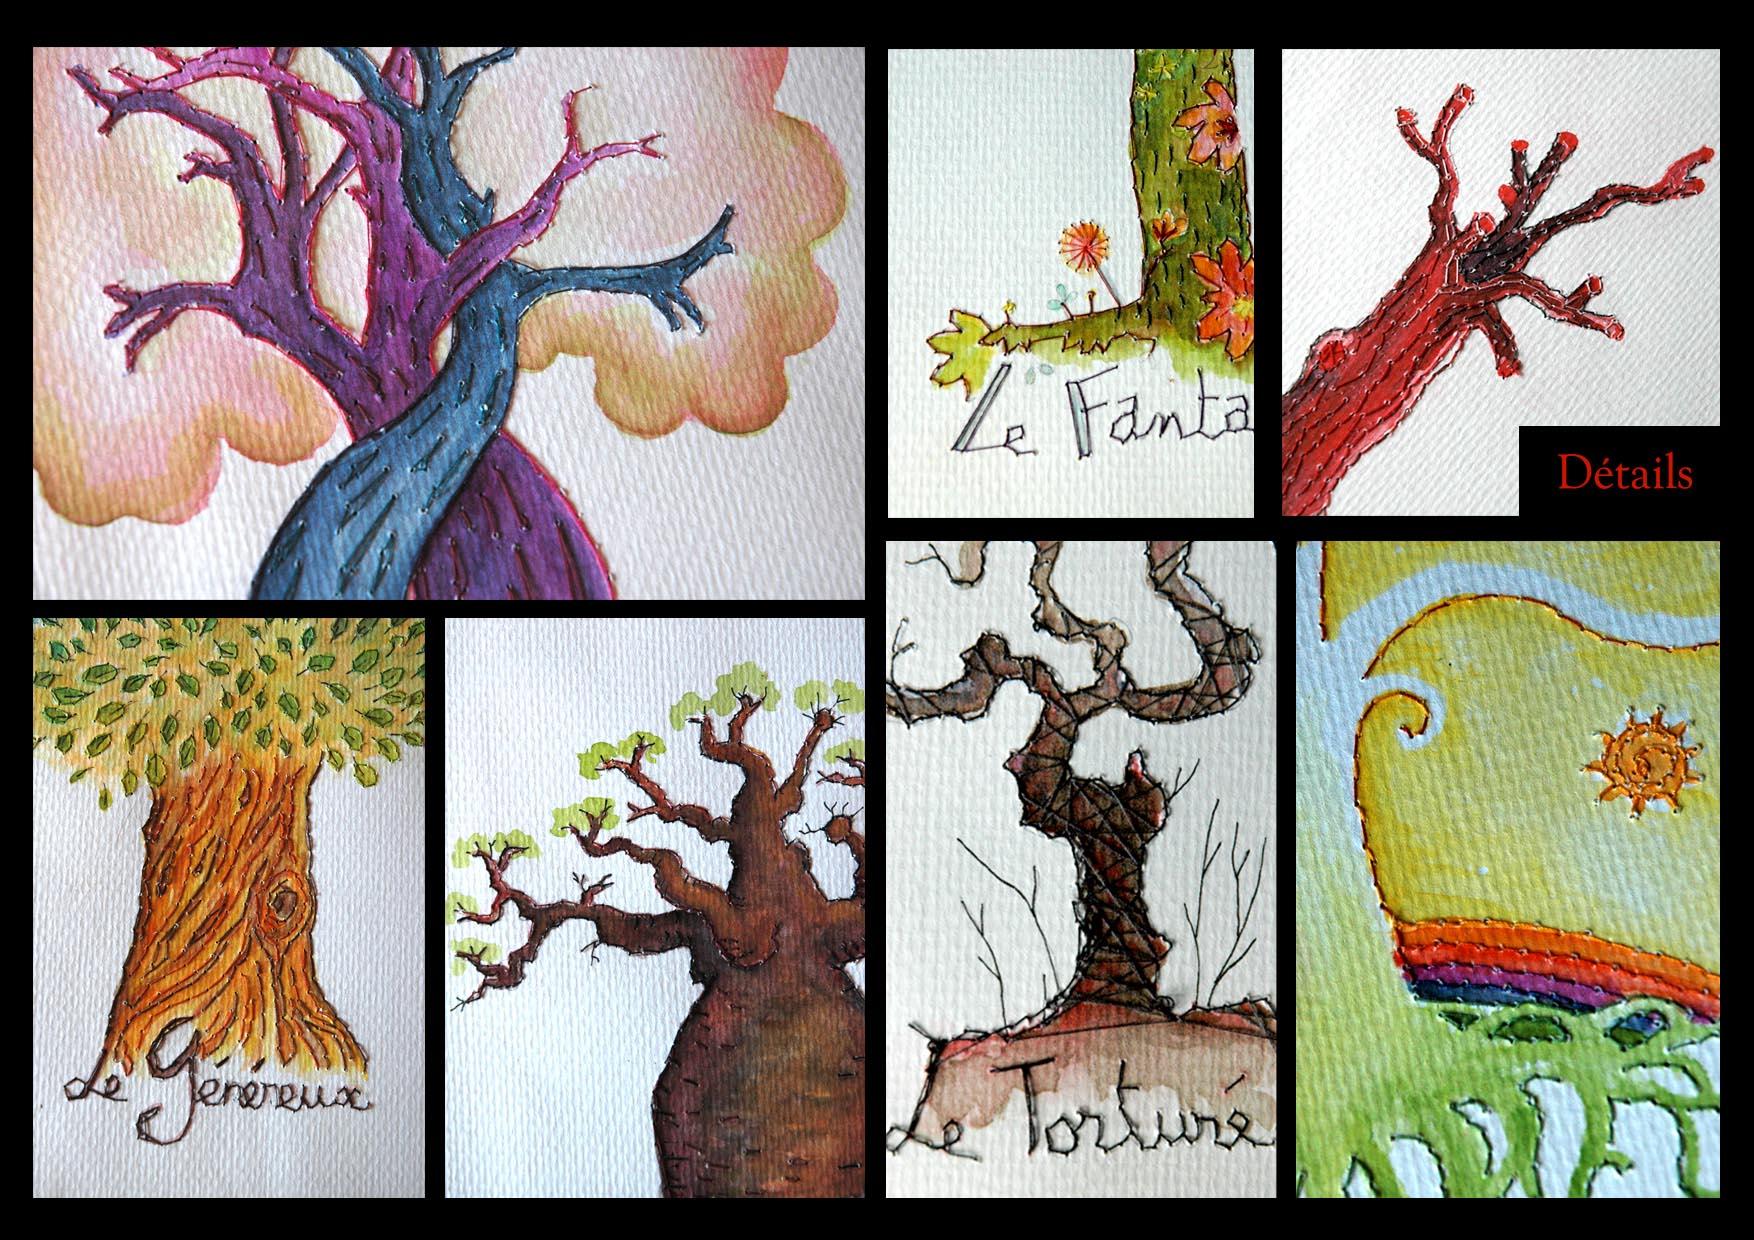 arbre-04-details